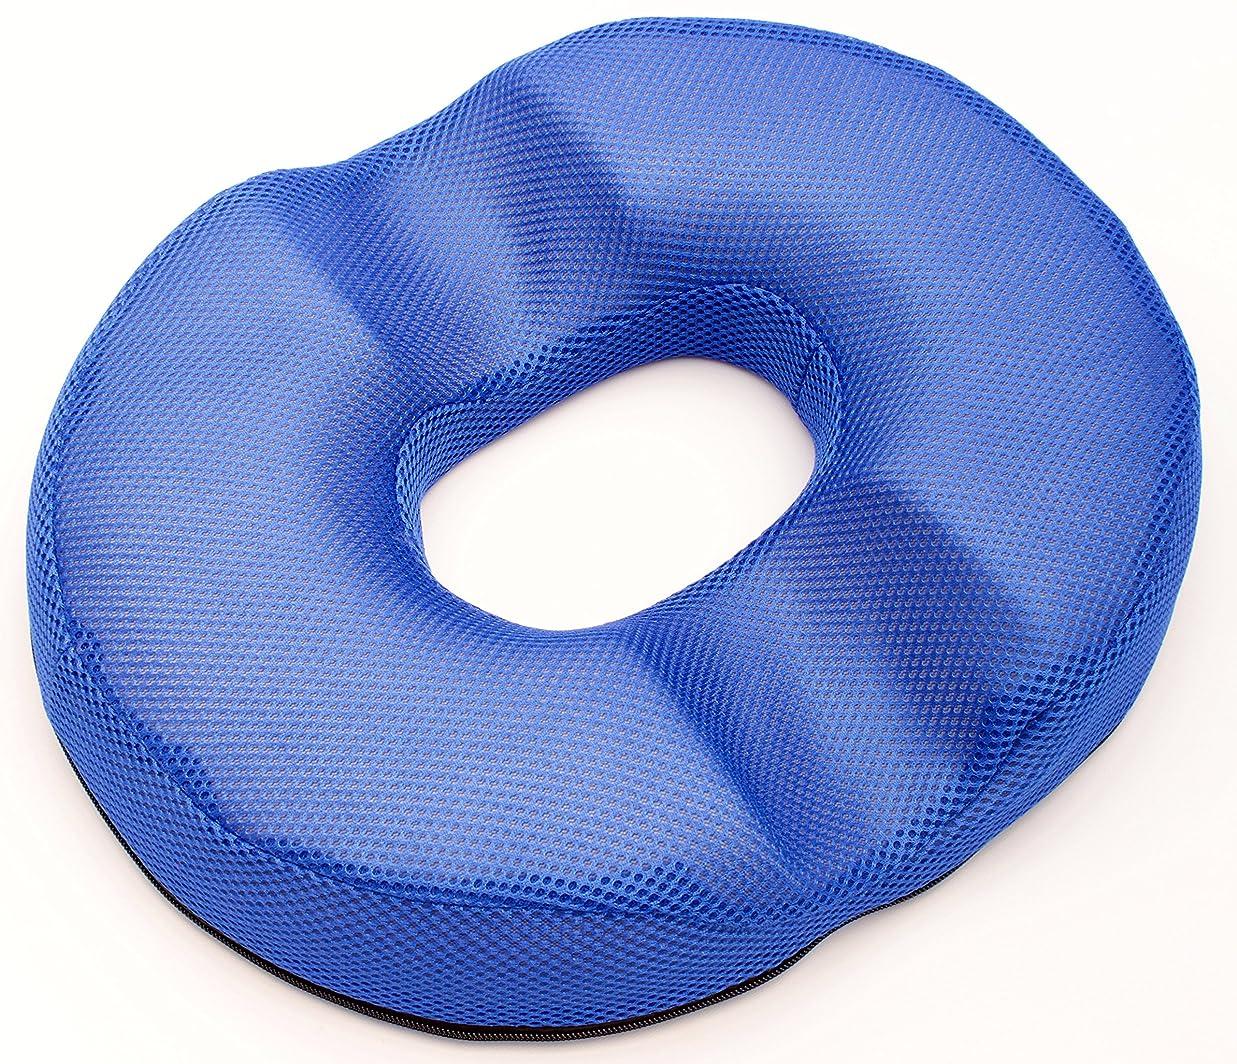 絶対にお嬢吸収する円座 ちょっと硬め ドーナツ型 クッション メッシュ?スウェード (ブルー(ダブル溝))